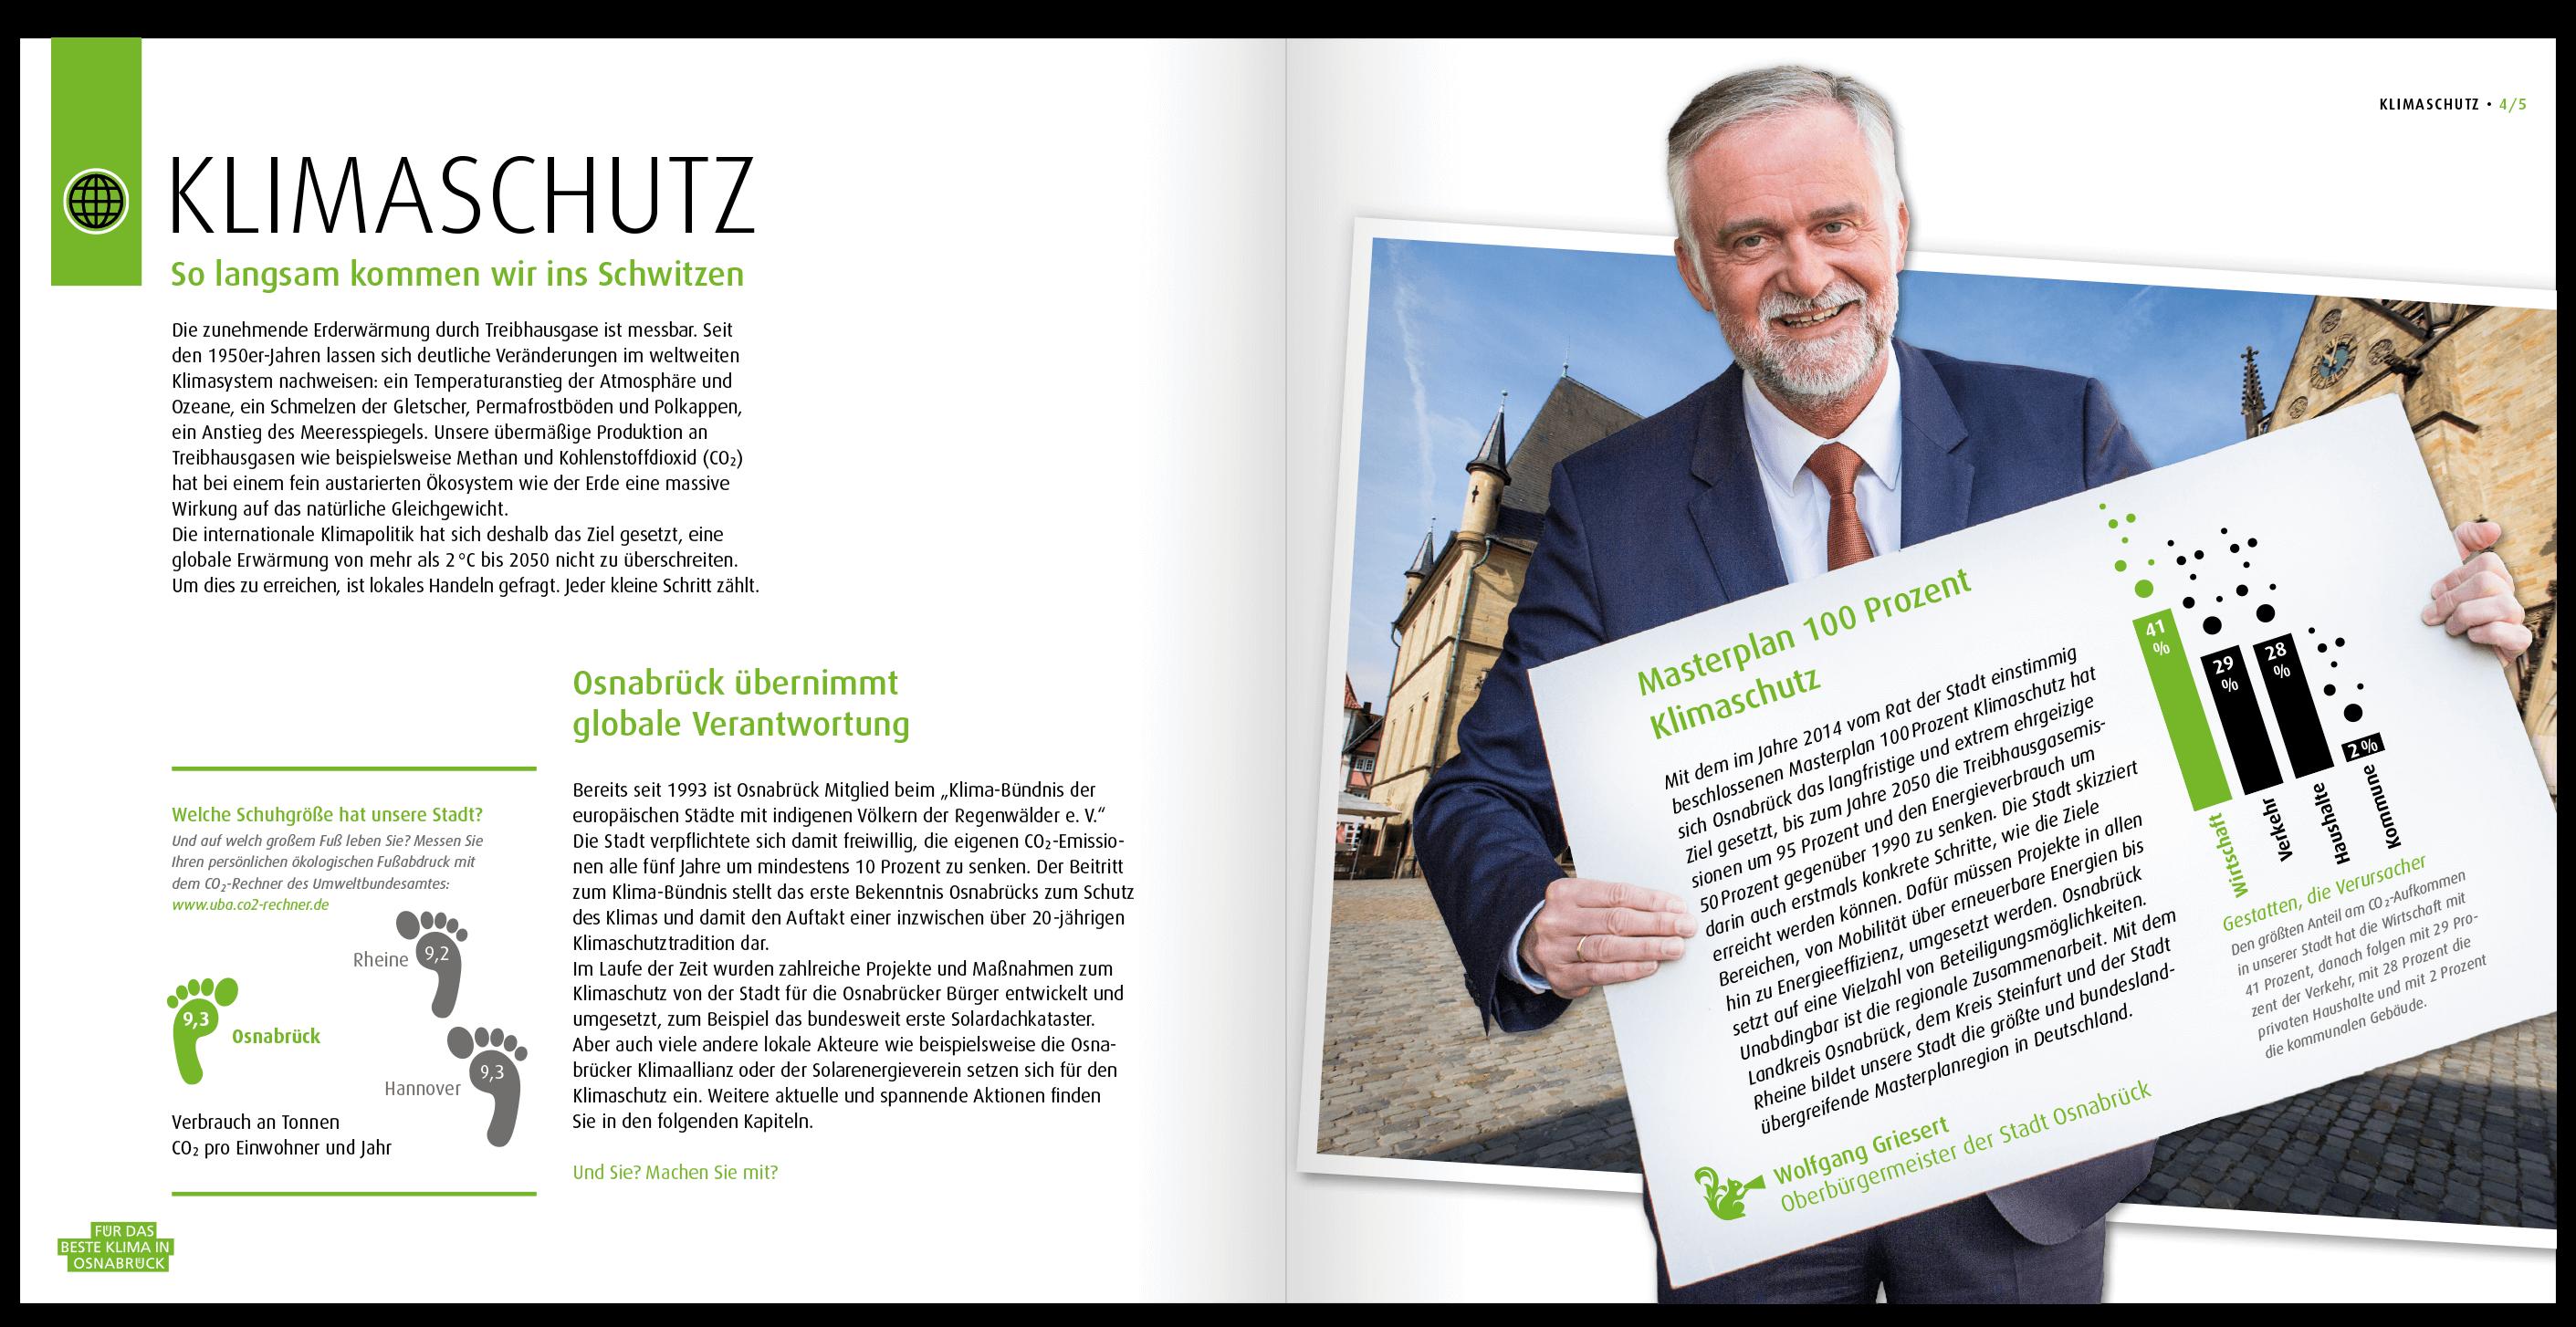 Illustrationen: Der Oberbürgermeister von Osnabrueck unterstuetzt ein besseres Klima in der von HASEGOLD gestalteten Broschuere